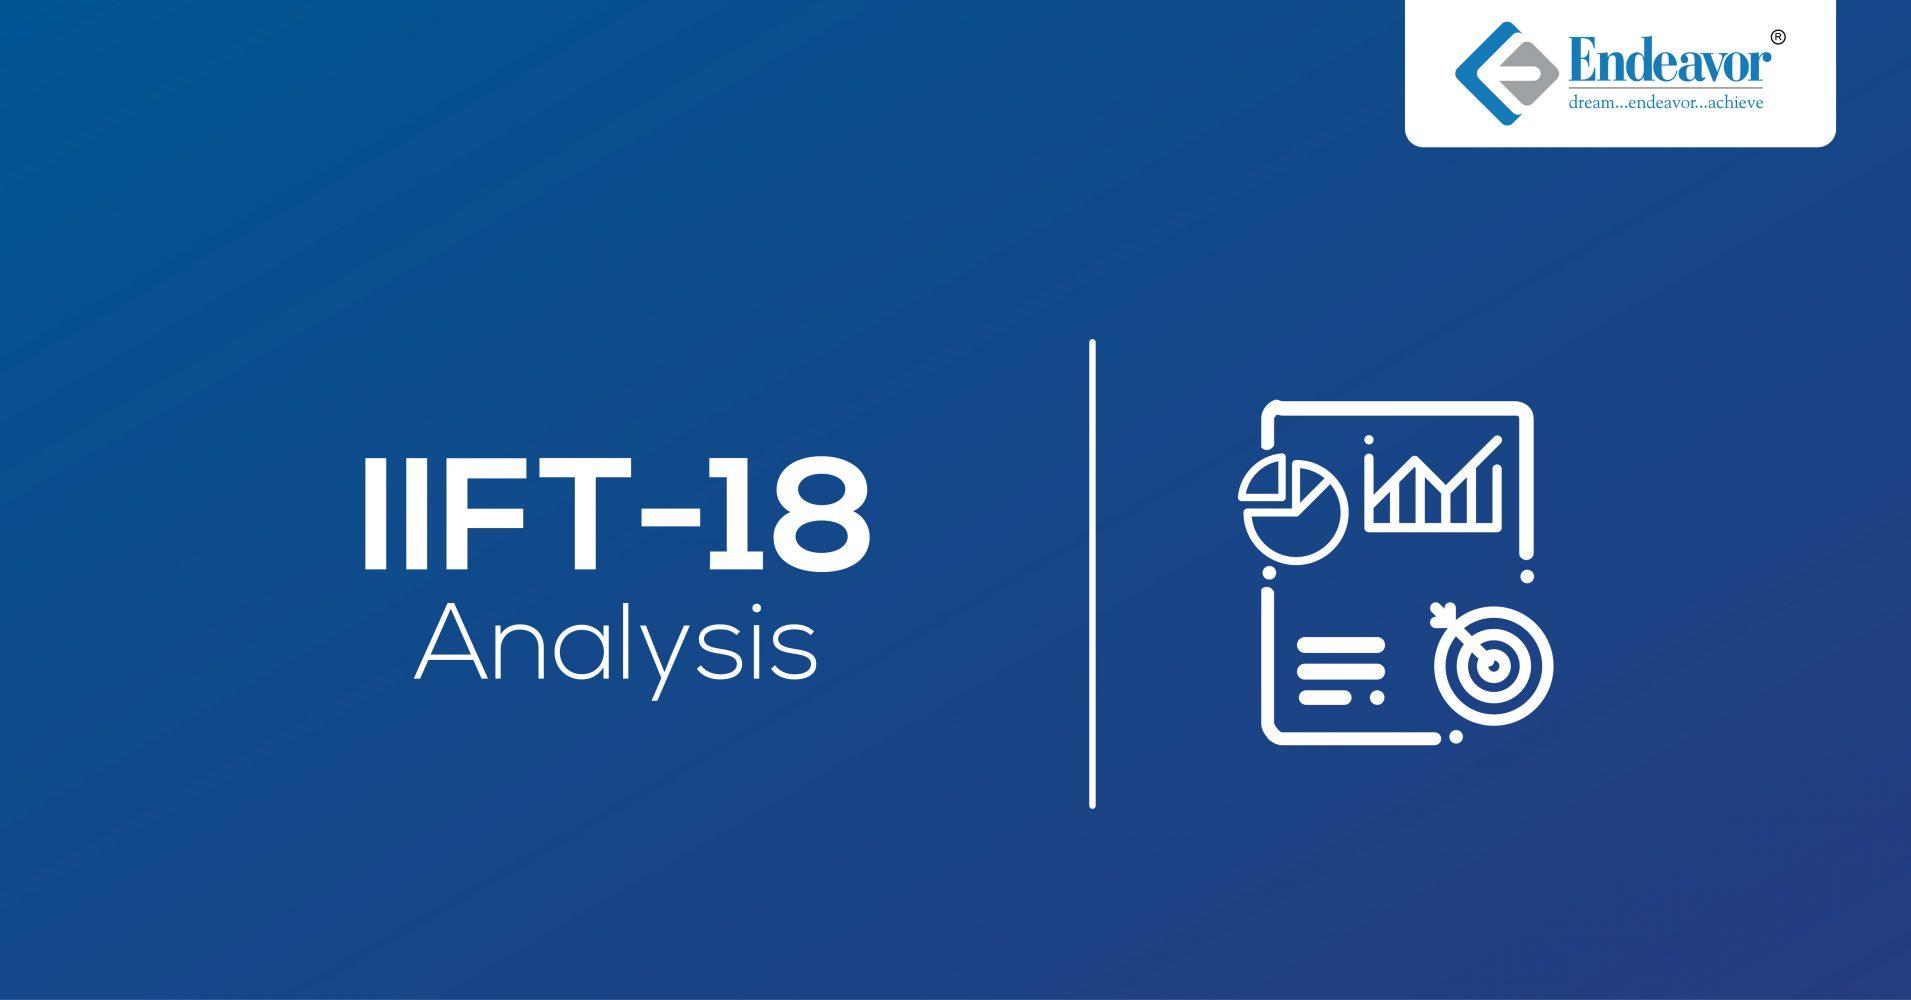 IIFT 2018 Analysis